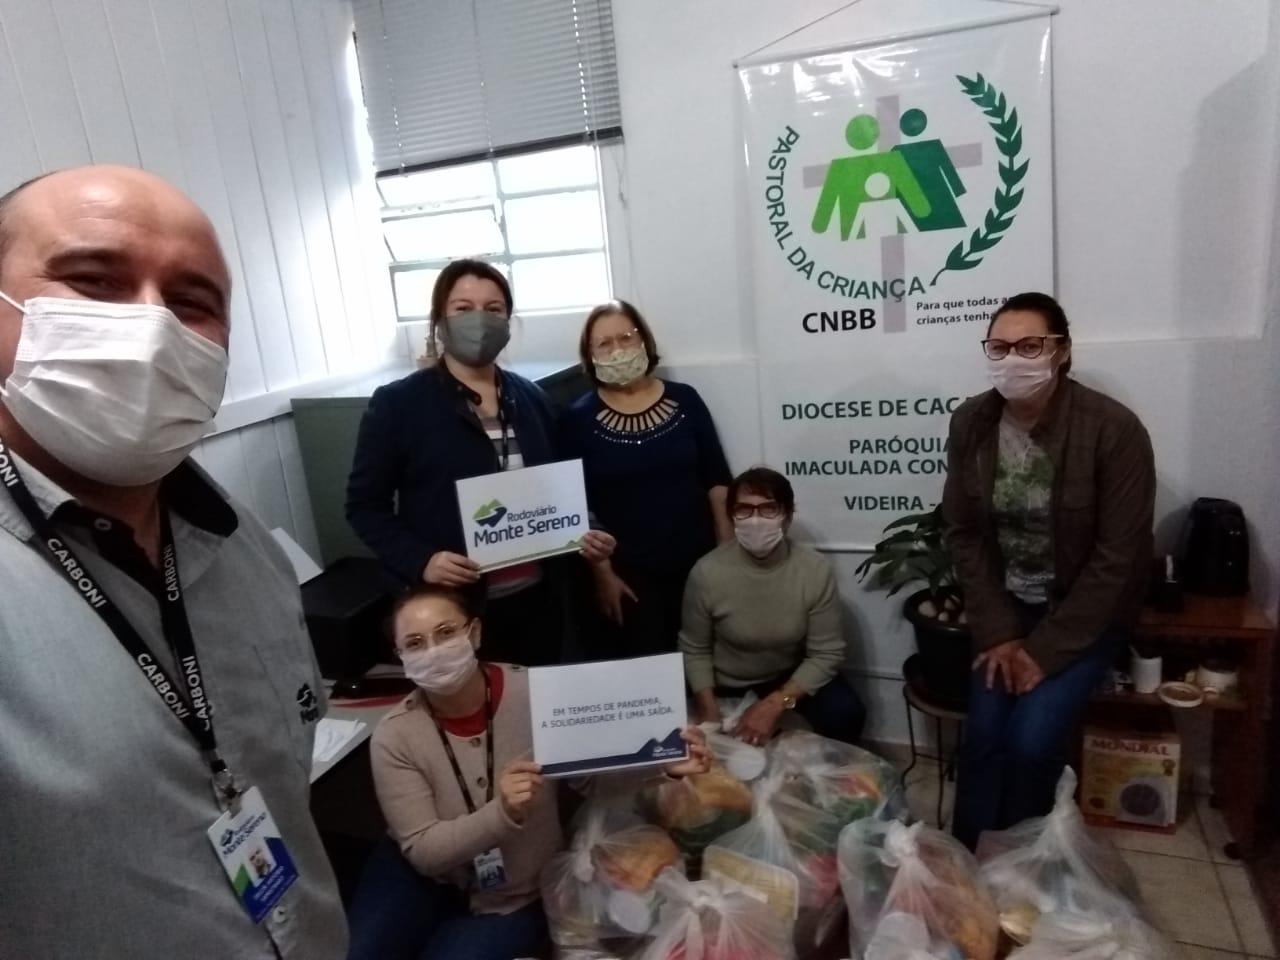 Prevenção e solidariedade: Rodoviário Monte Sereno atua frente ao Covid-19 unnamed 1